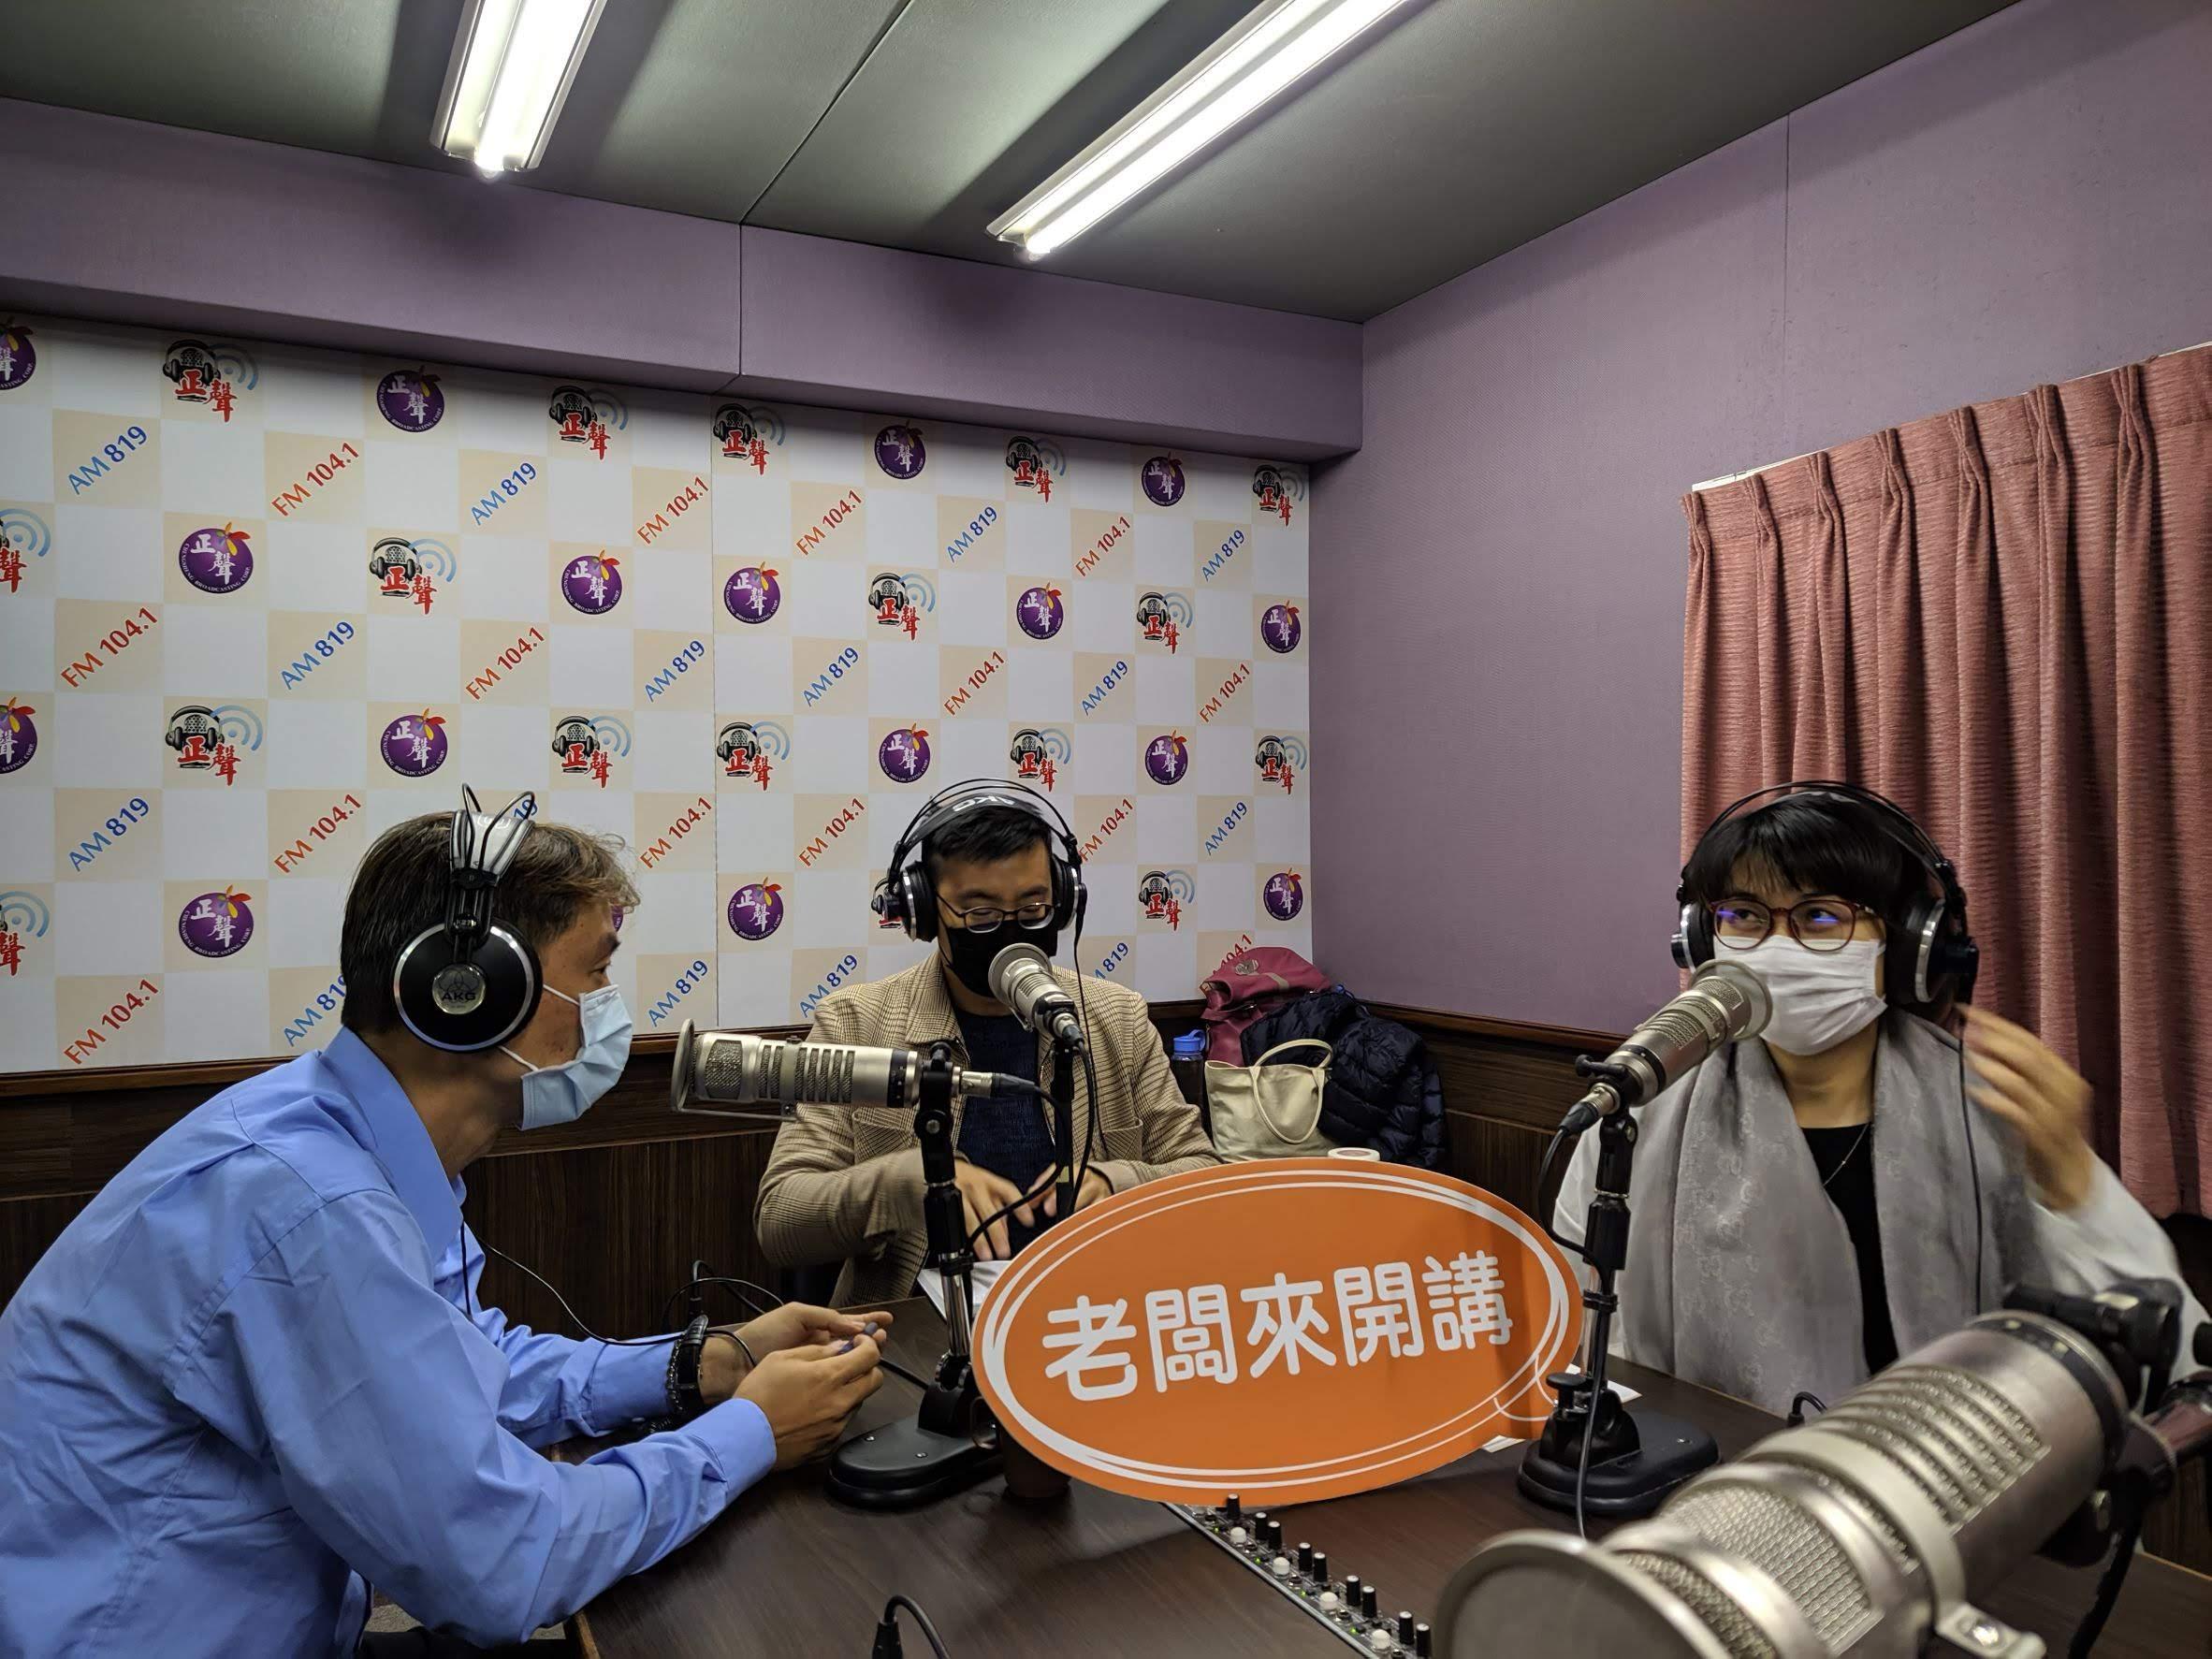 正聲廣播電台 老闆來開講節目受訪